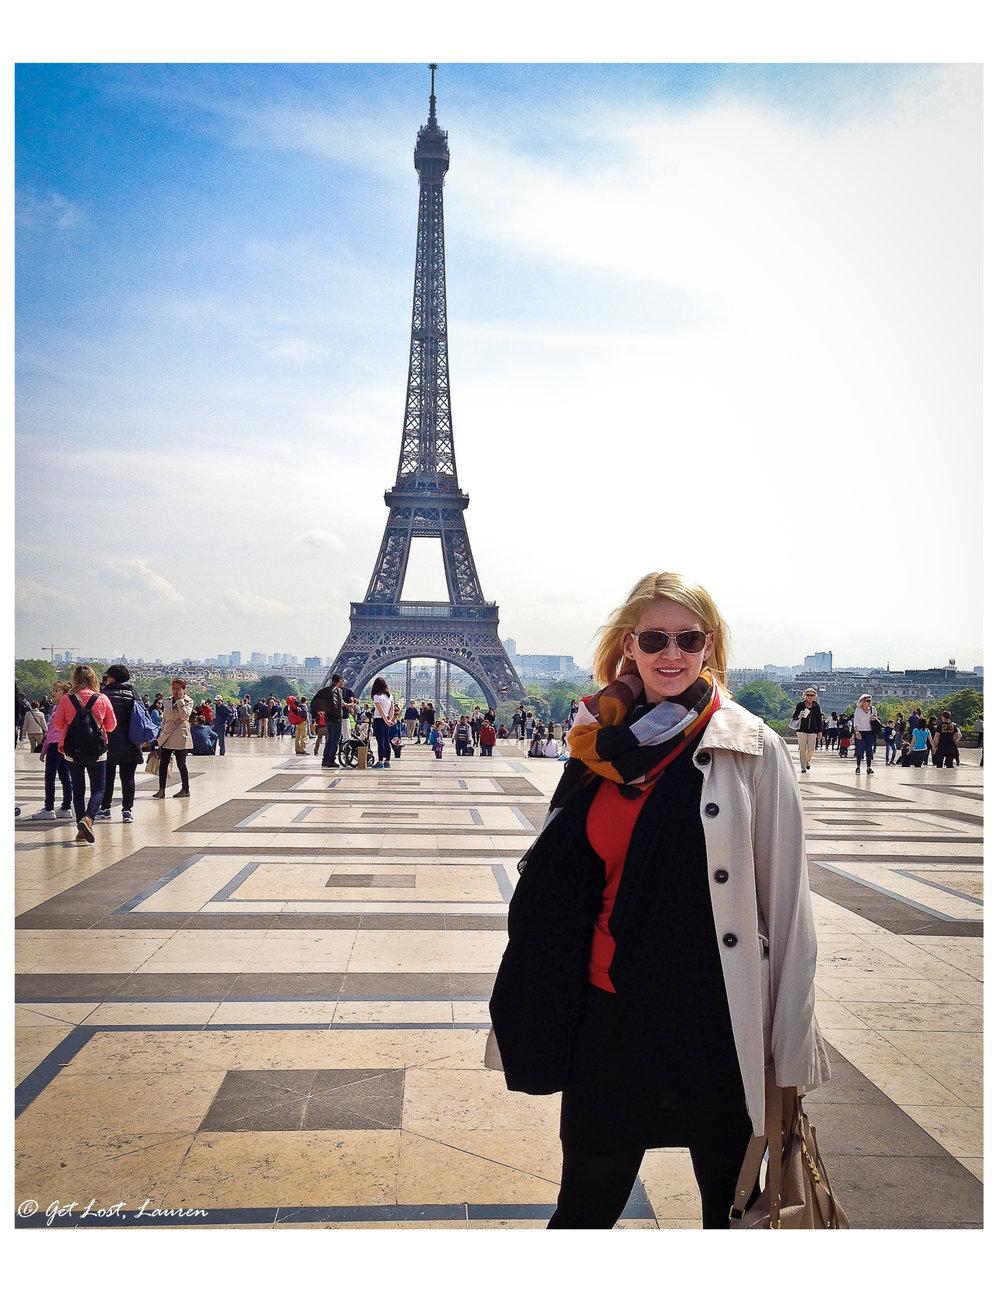 Requisite selfie from the Trocadero.